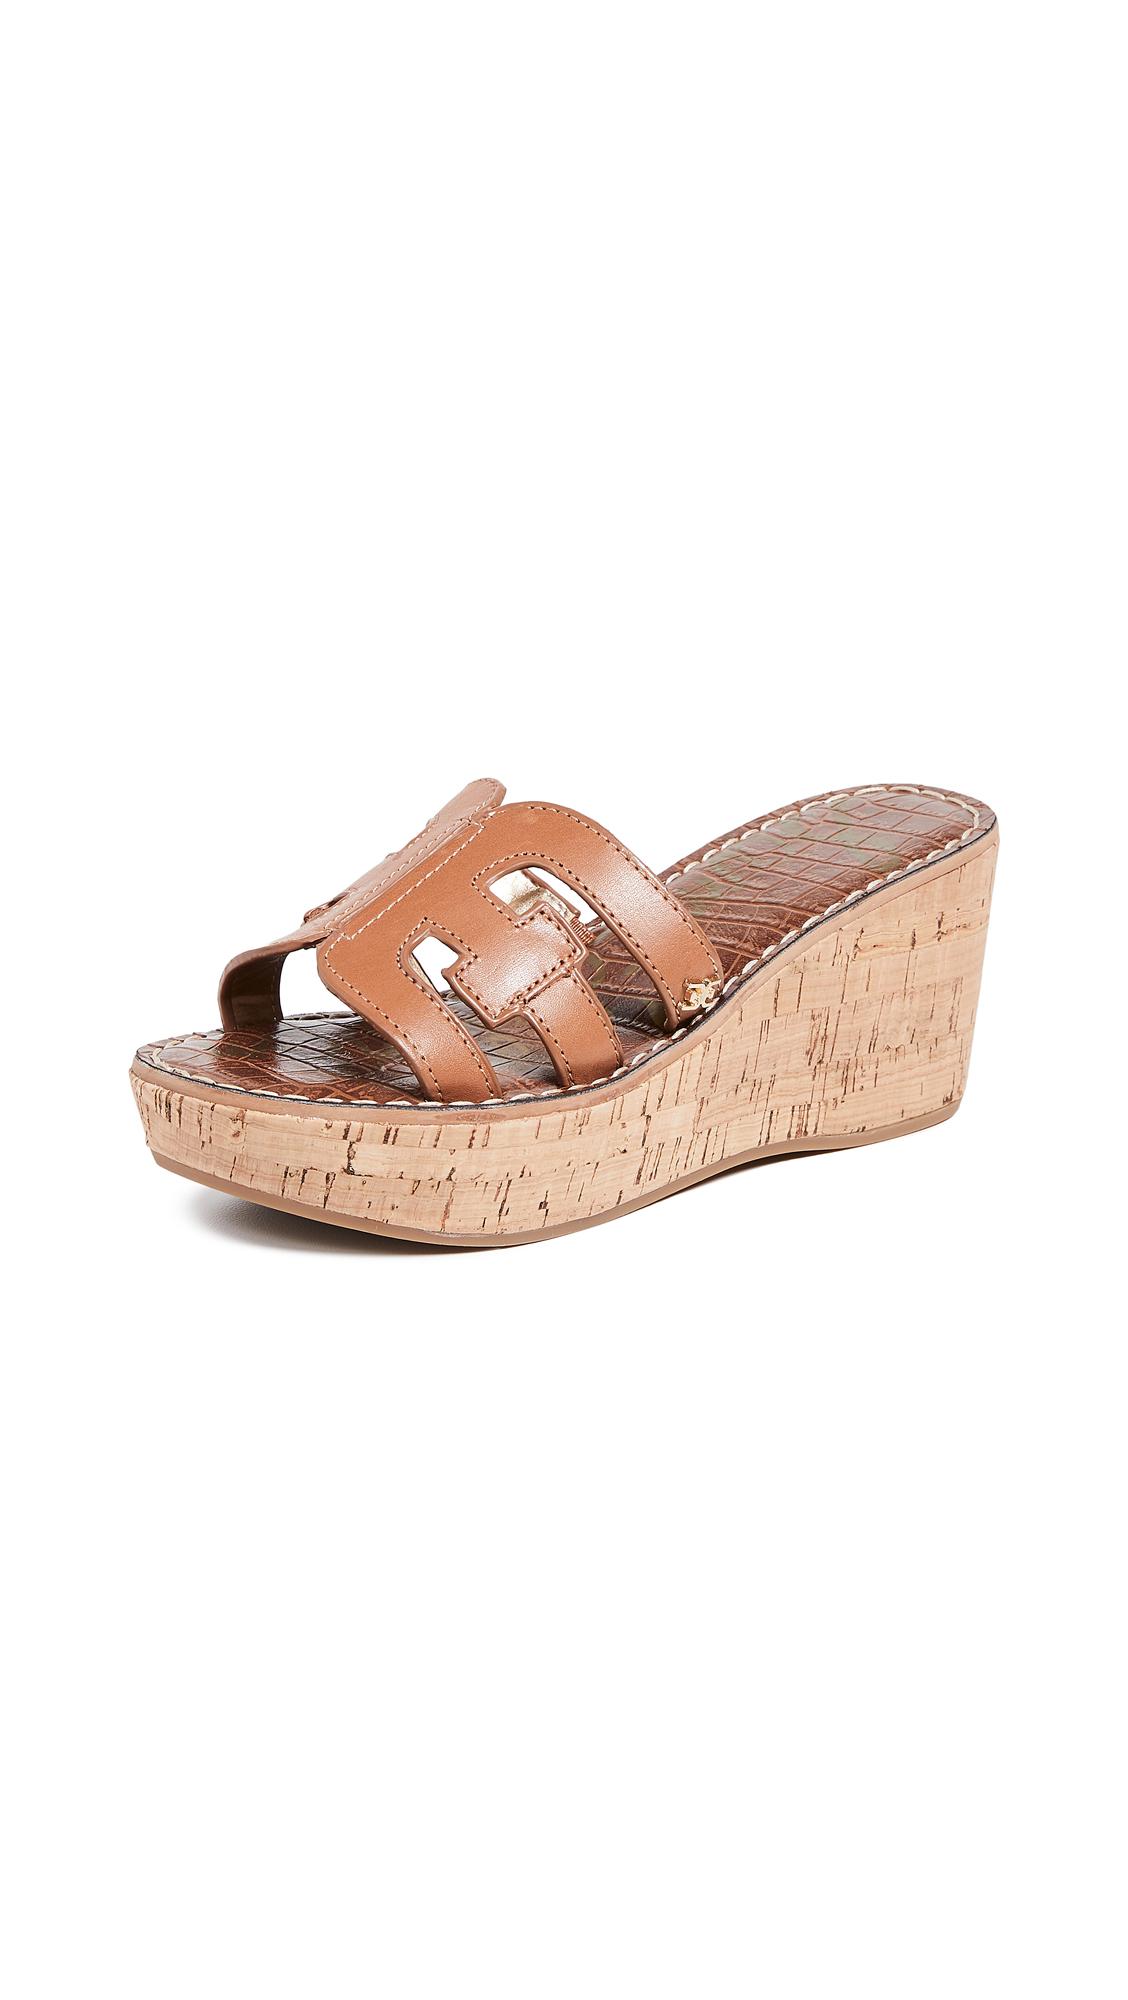 Sam Edelman Regis Slide Sandals - Saddle